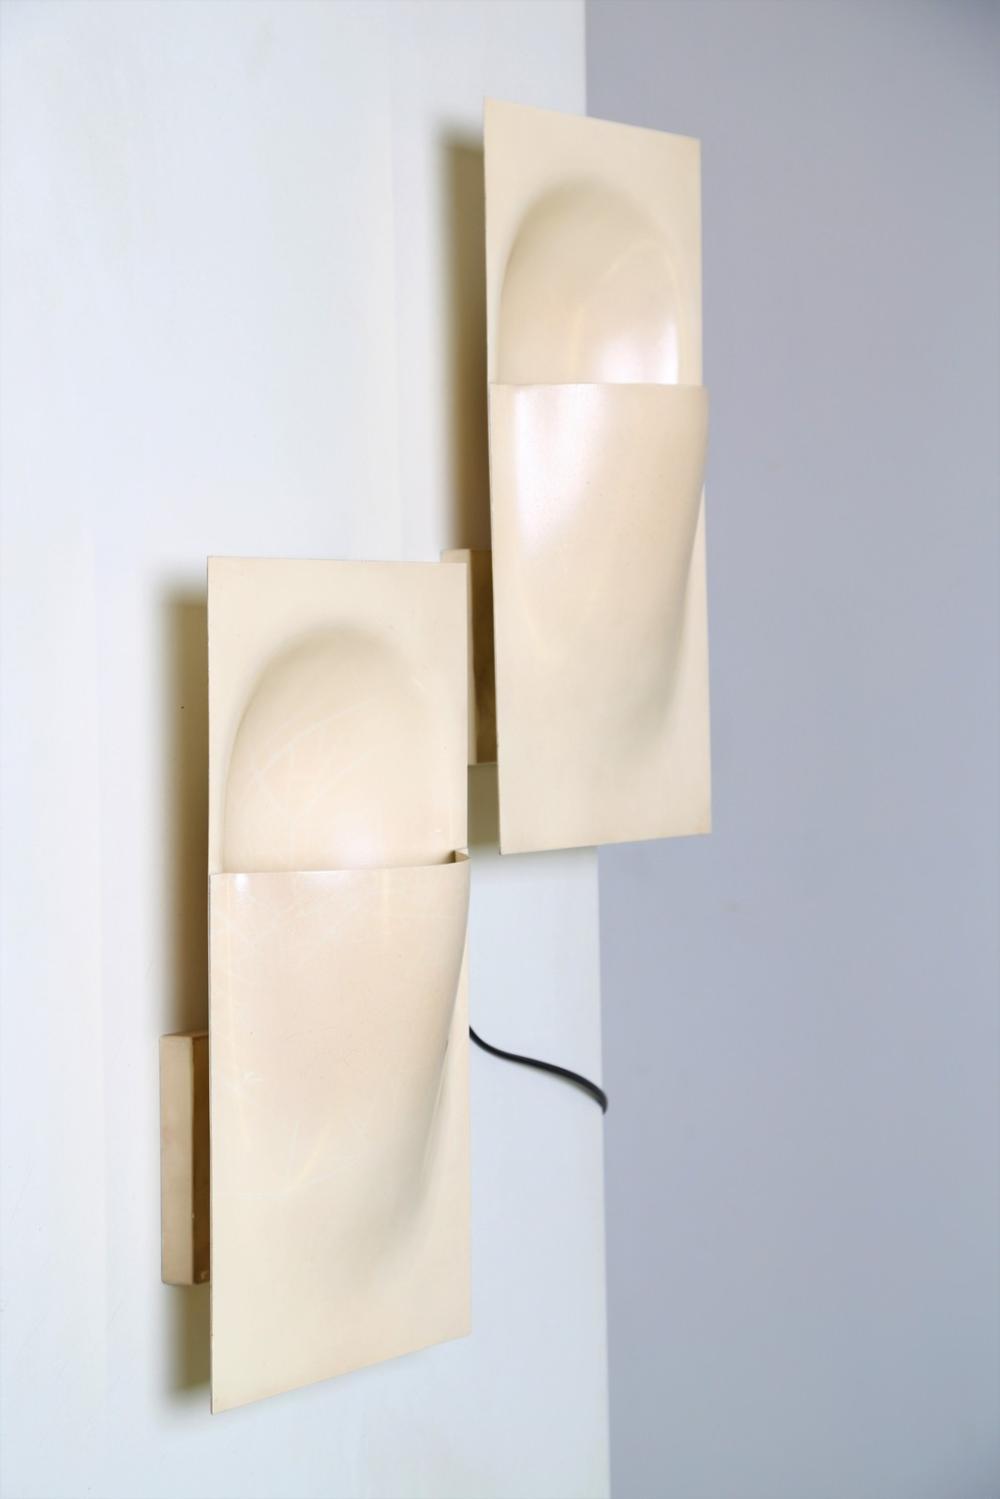 BERTAND BALAS  Pair of wall lamps  mod. Balance C-1550